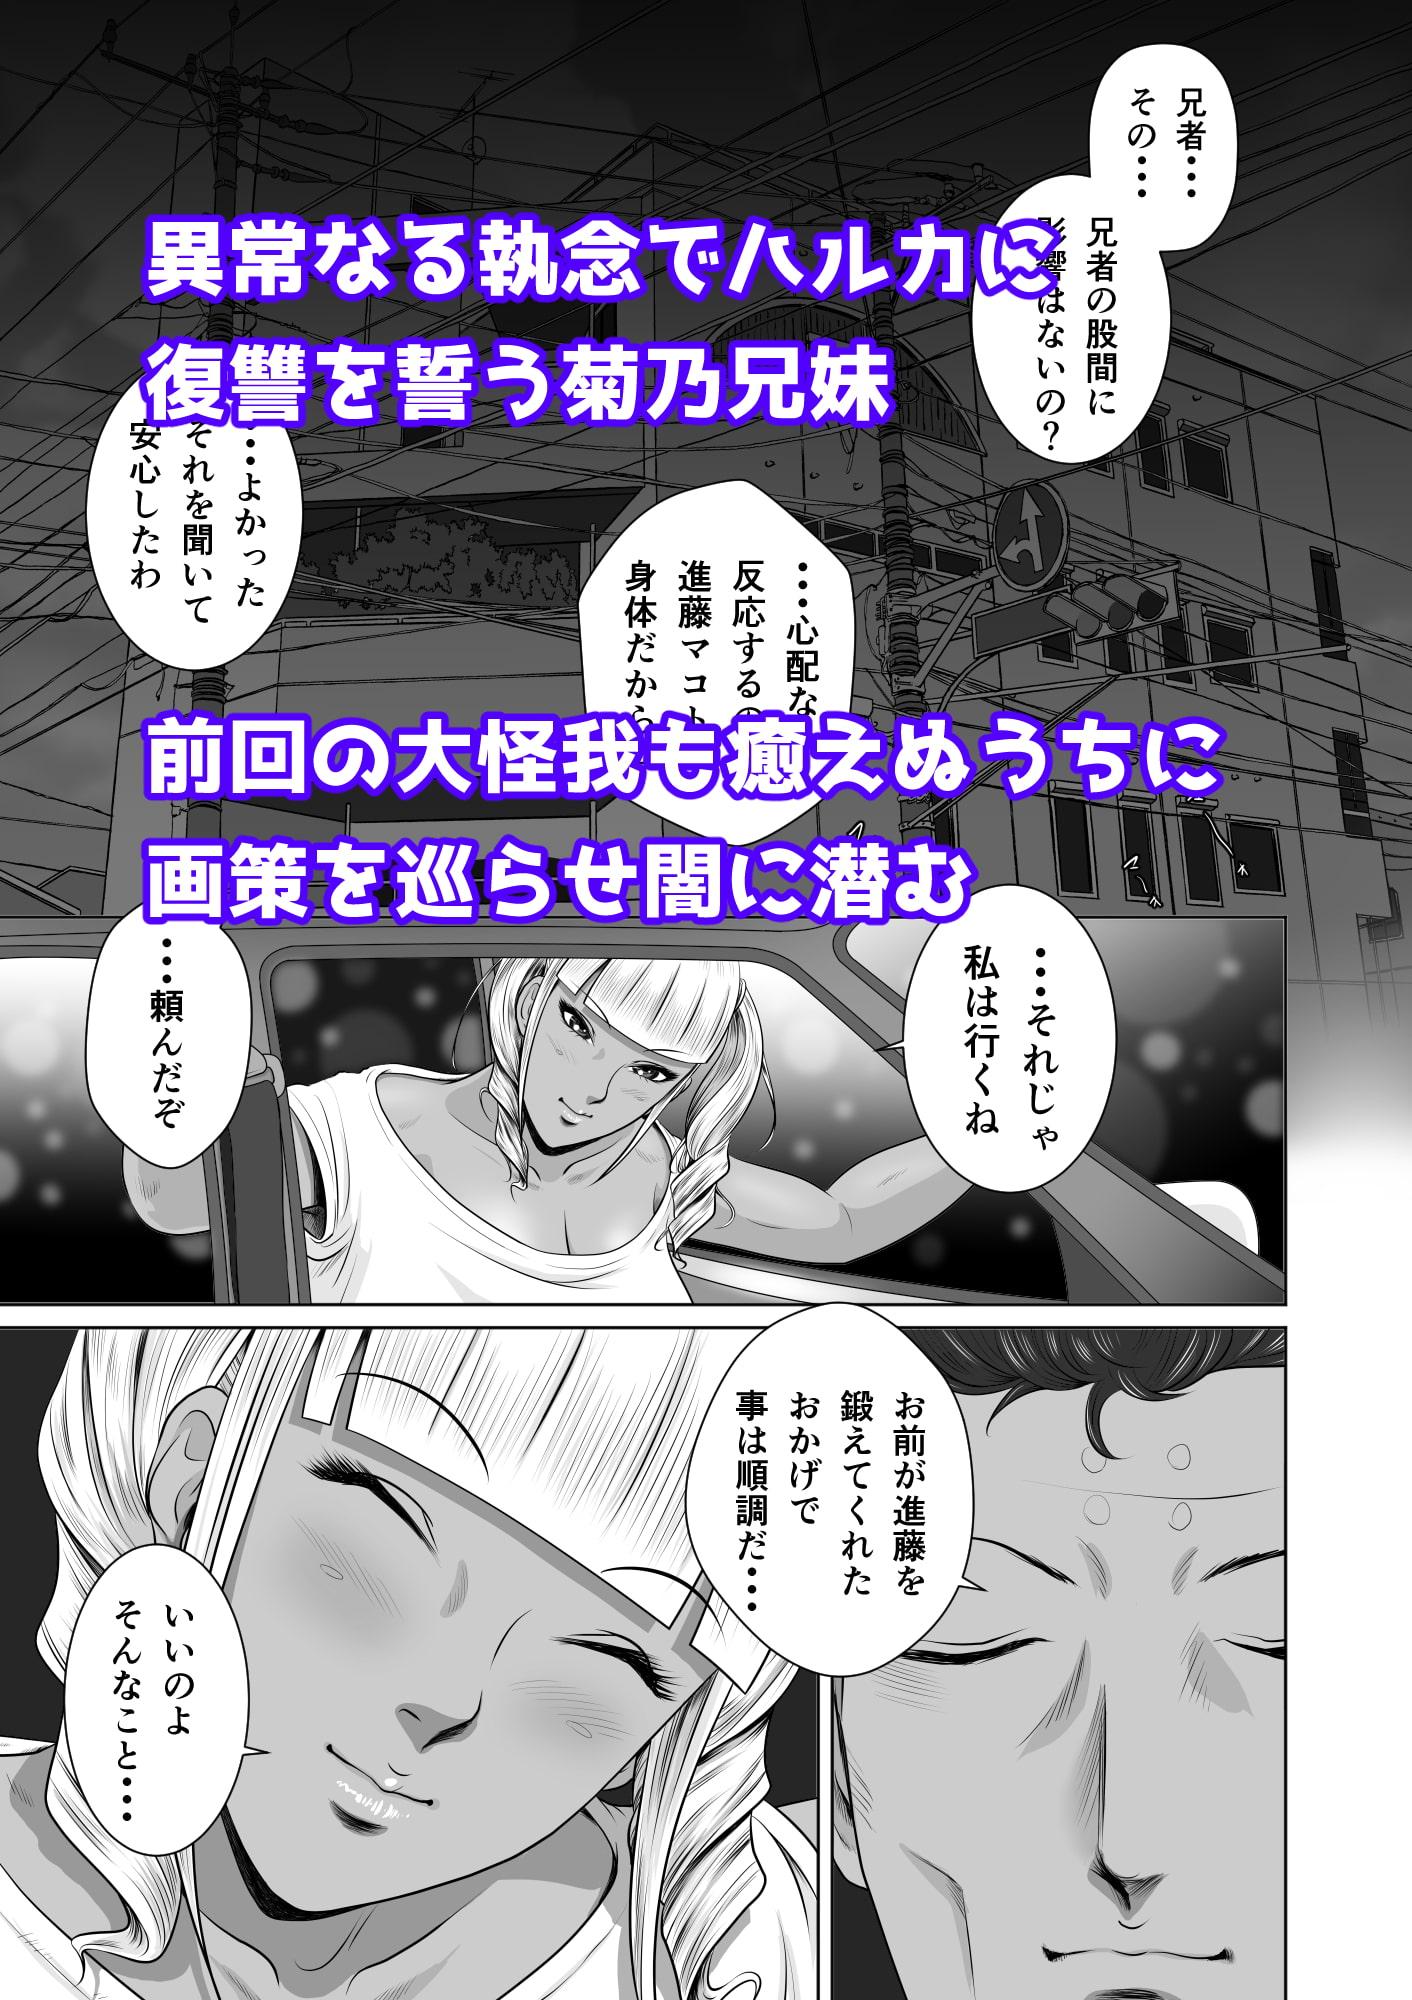 寝取られ幼なじみハルカちゃん危機三発!!